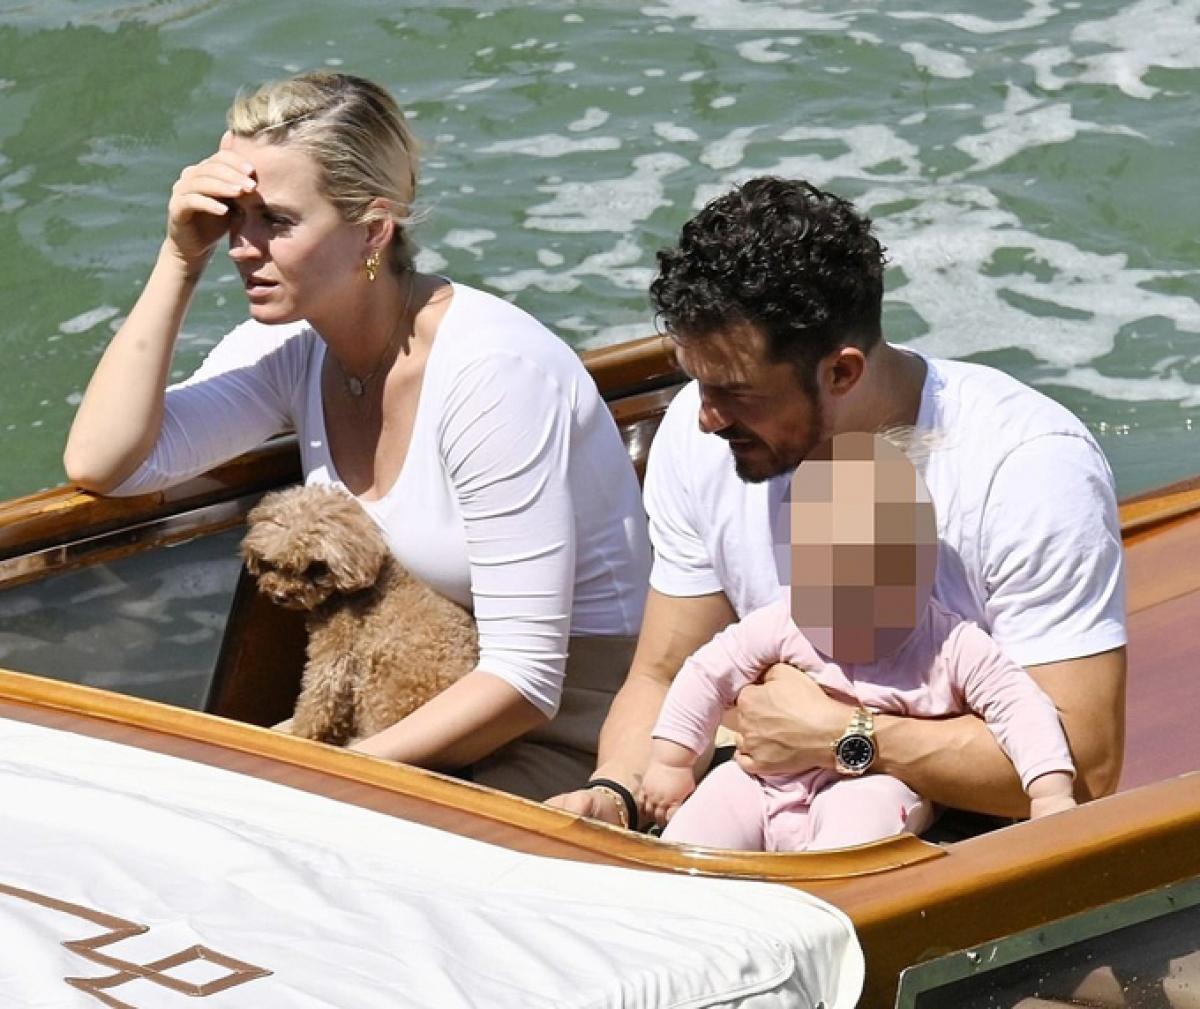 Daisy chào đời vào tháng 8/2020, là con đầu lòng của Katy Pery và tài tử Orlando Bloom.